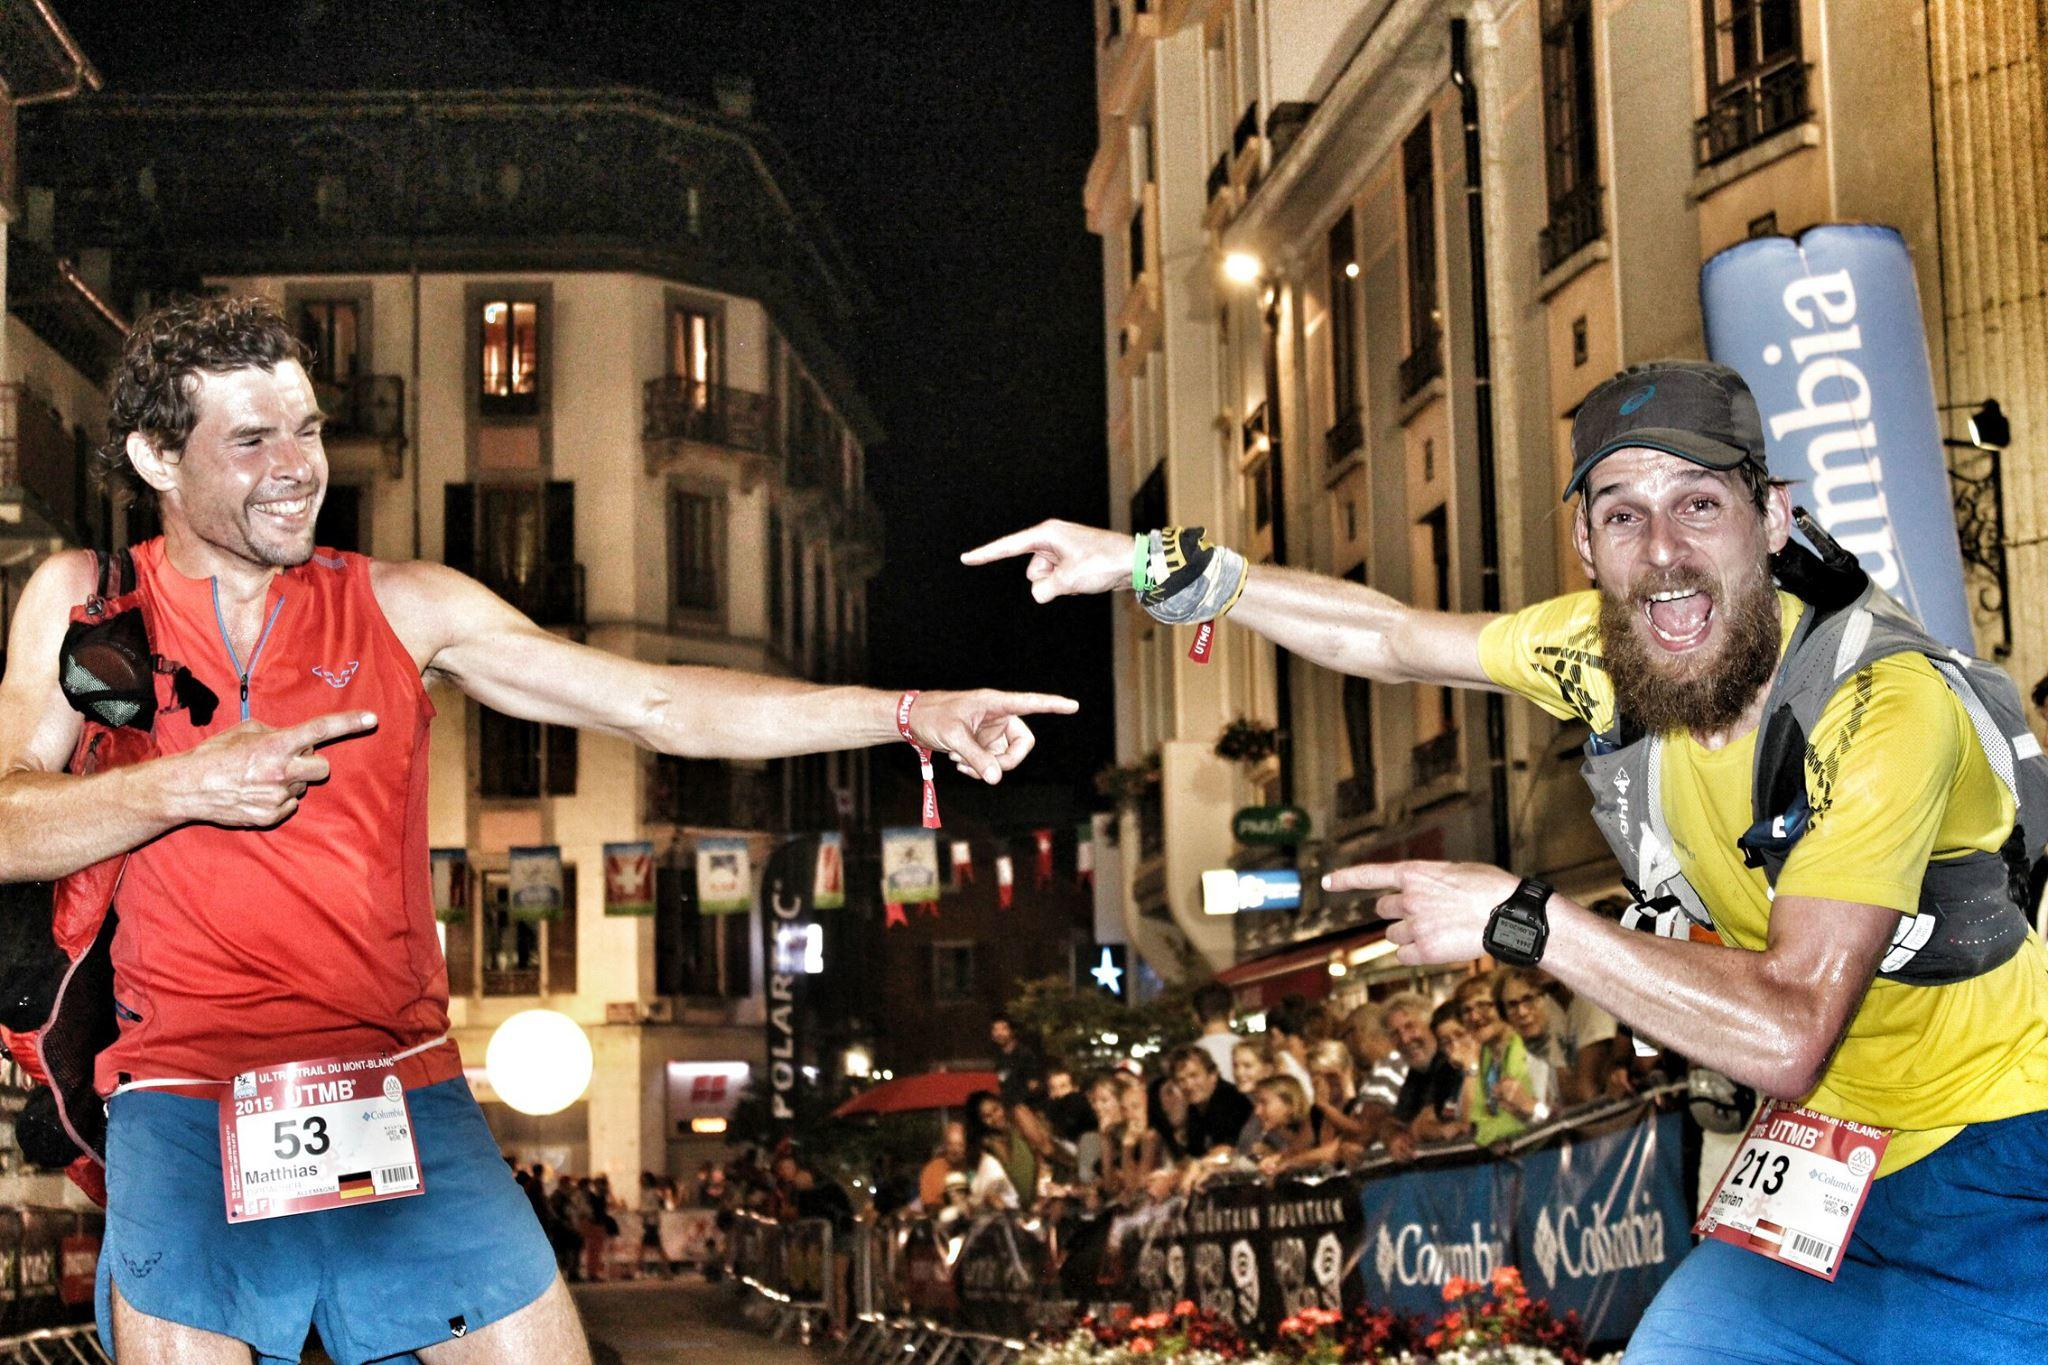 Florian Grasel und Matthias Dippacher nach dem Zieleinlauf beim UTMB